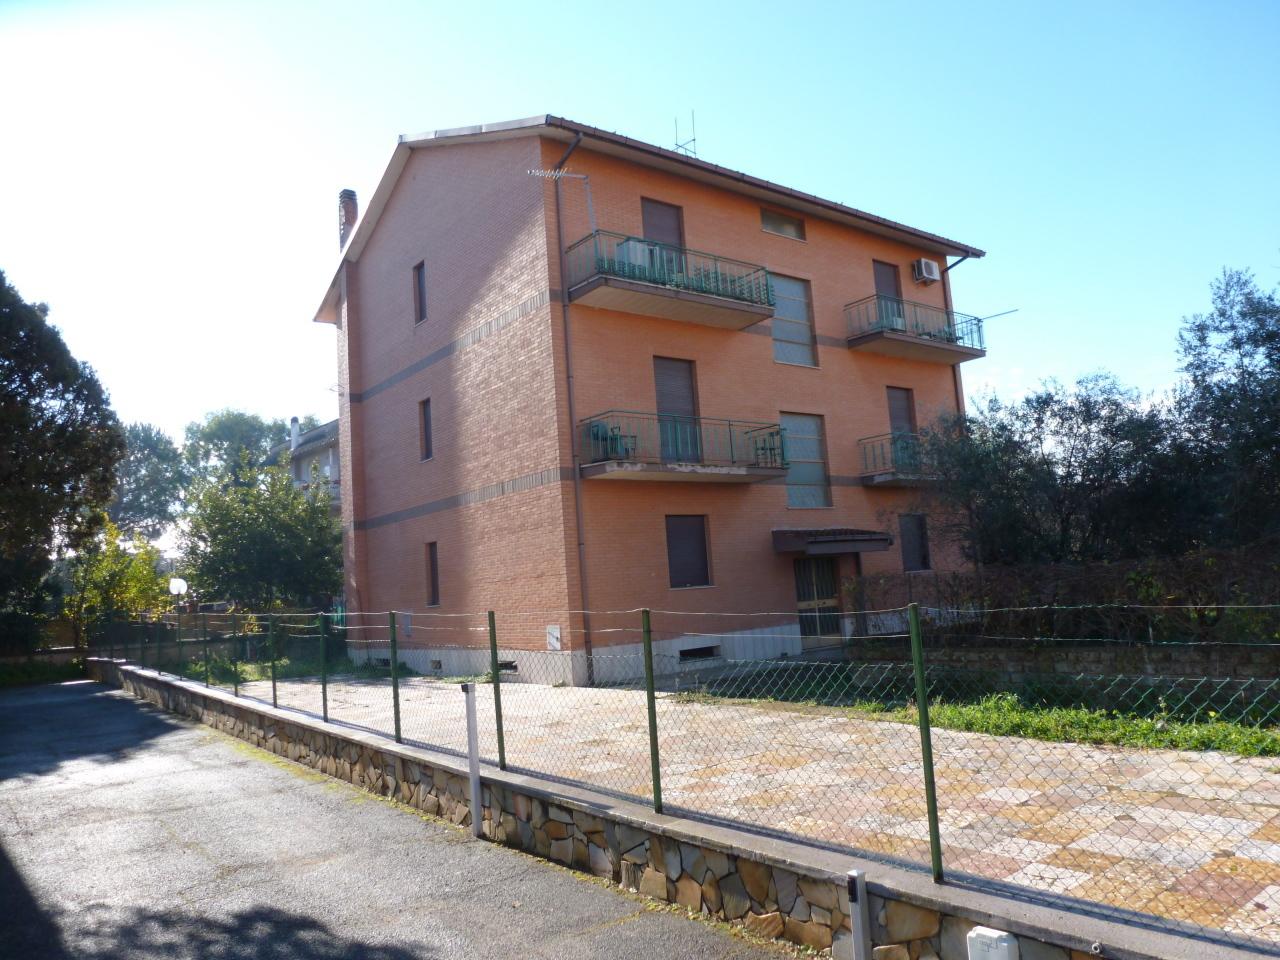 Soluzione Indipendente in vendita a Roma, 9999 locali, prezzo € 649.000 | CambioCasa.it